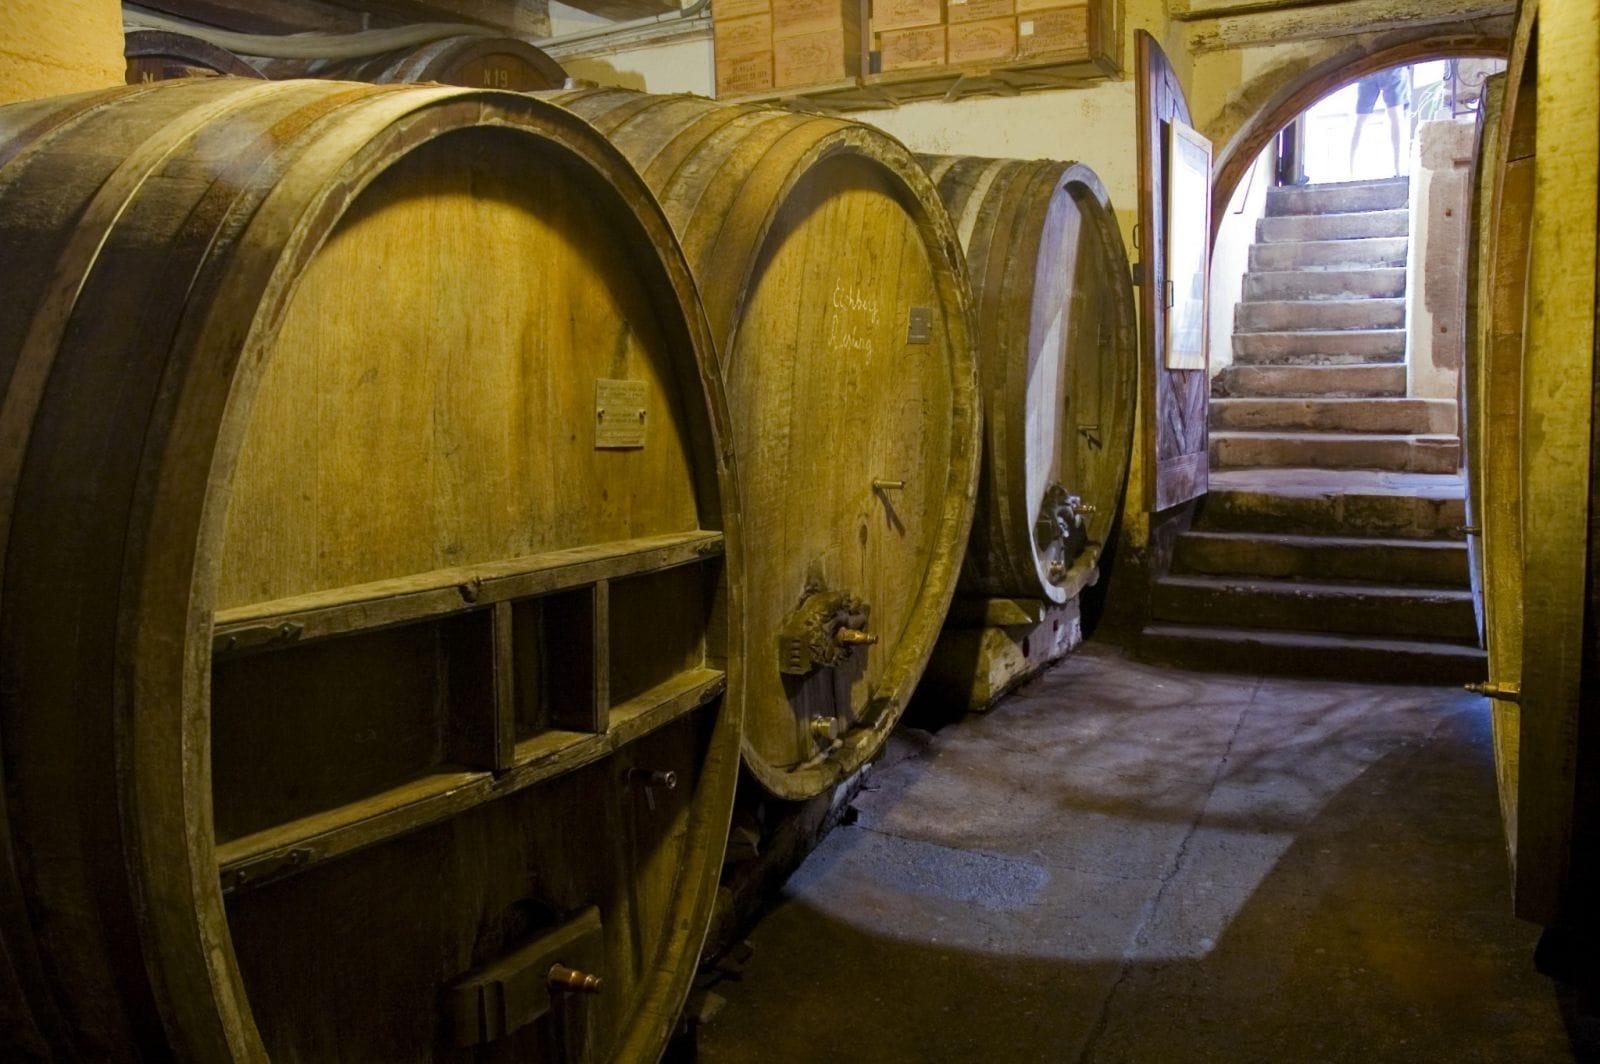 חביות בנות 250 שנה במרתף יין באלזס